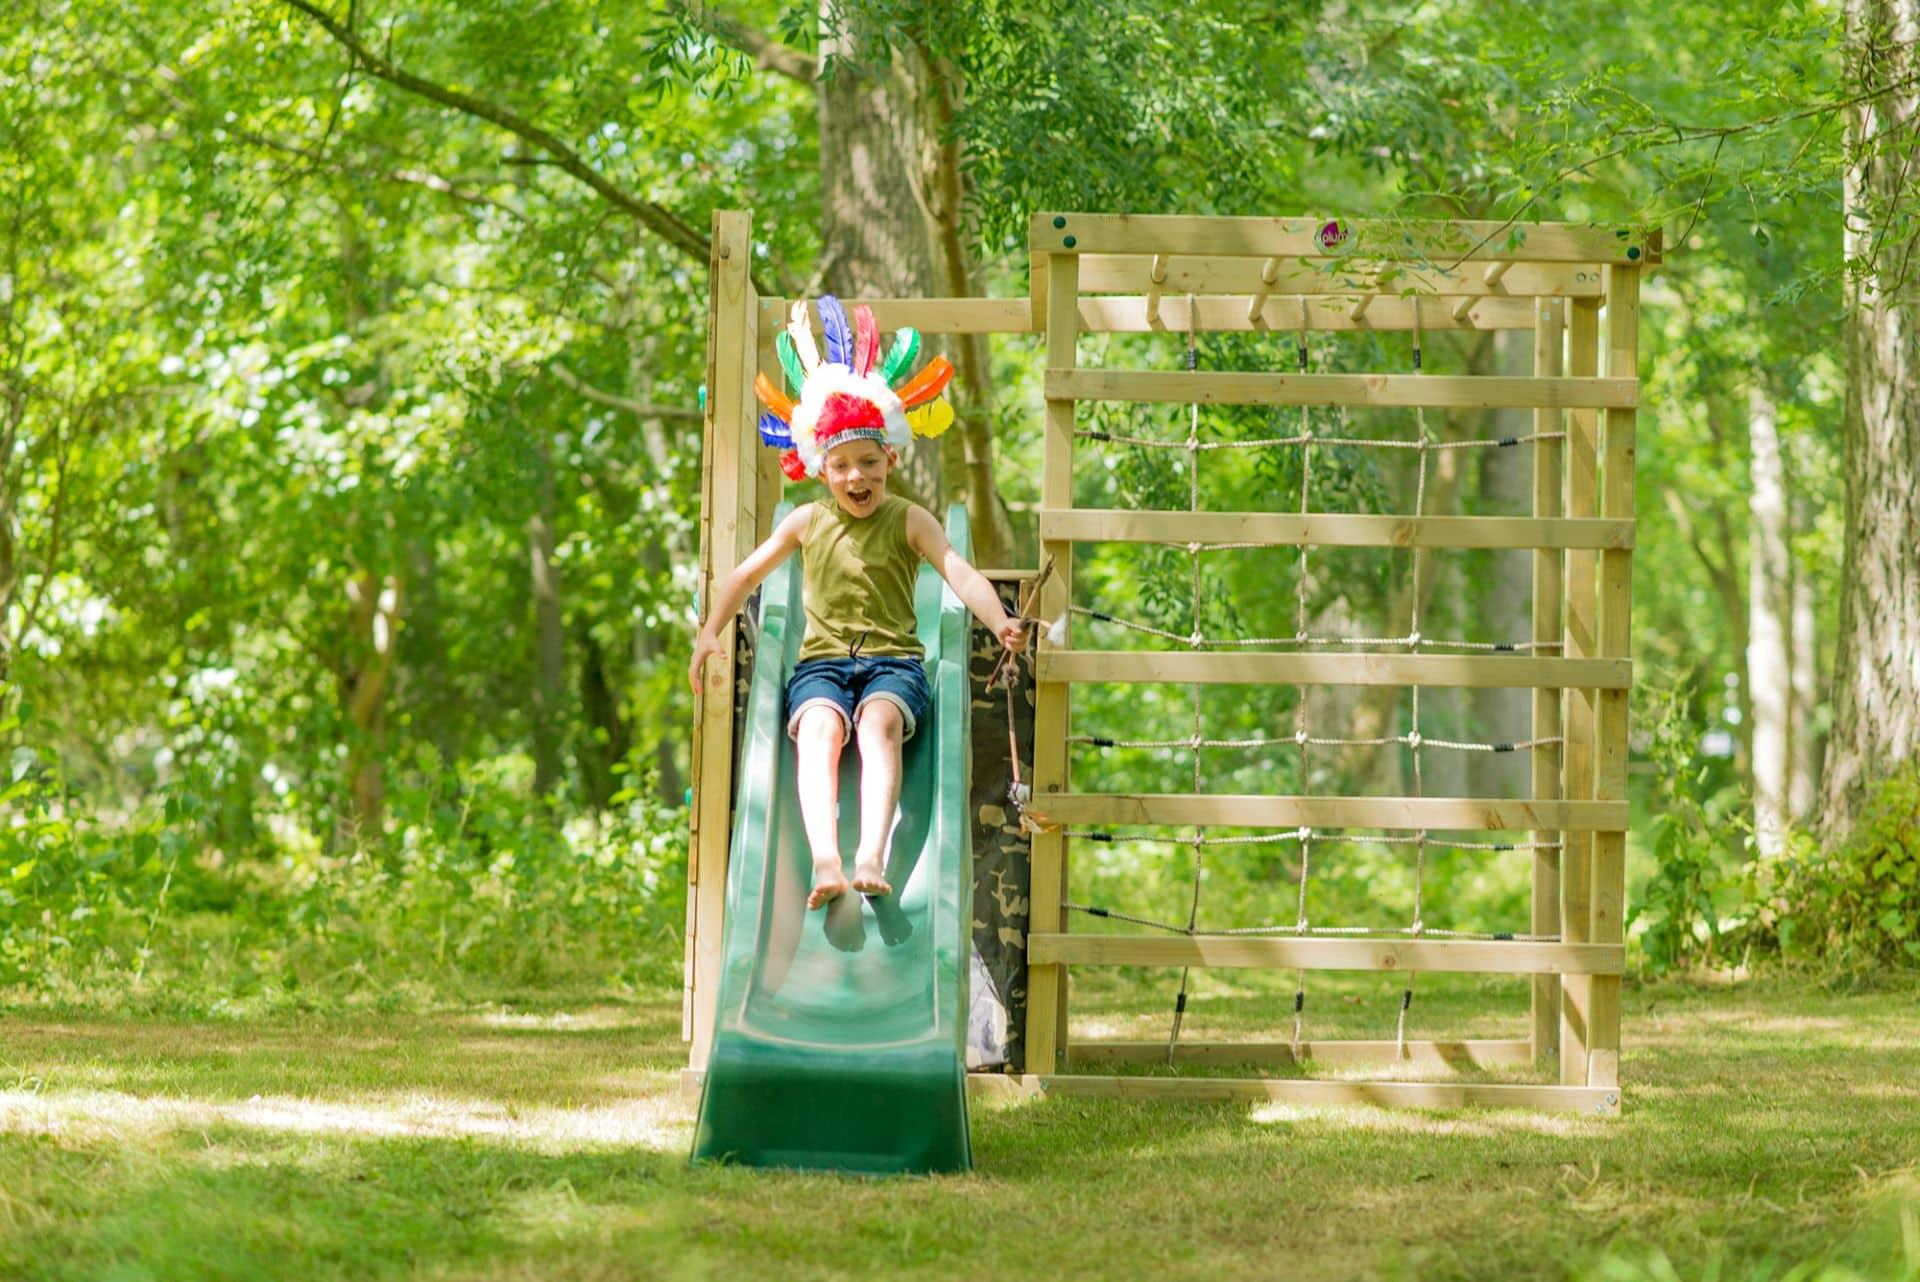 Klettergerüst Garten Kunststoff : Klettergerüste spielgeräte einfach online kaufen mifus